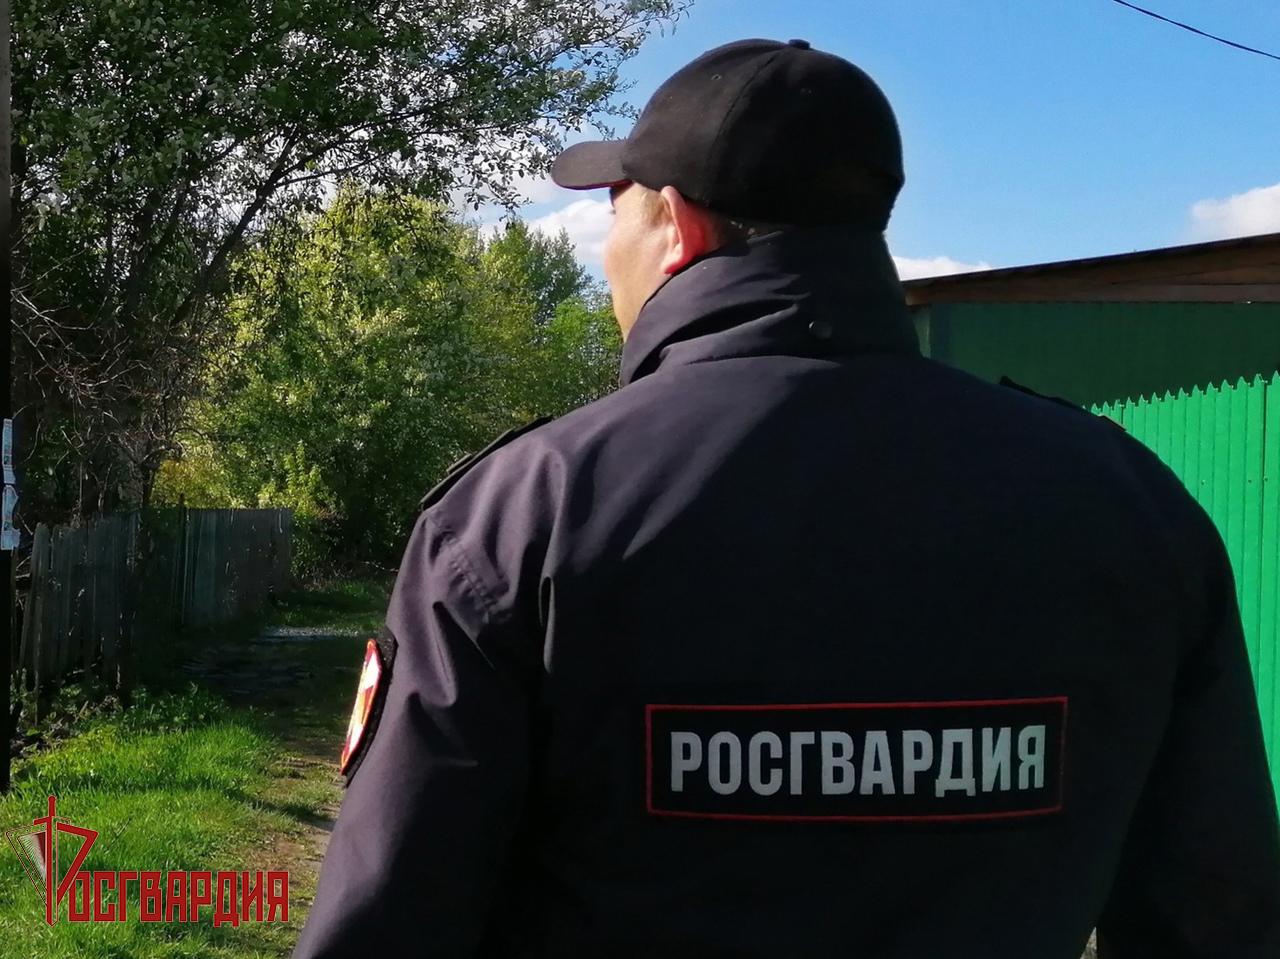 Житель Омской области не получил права, но купил машину и попался пьяным #Омск #Общество #Сегодня